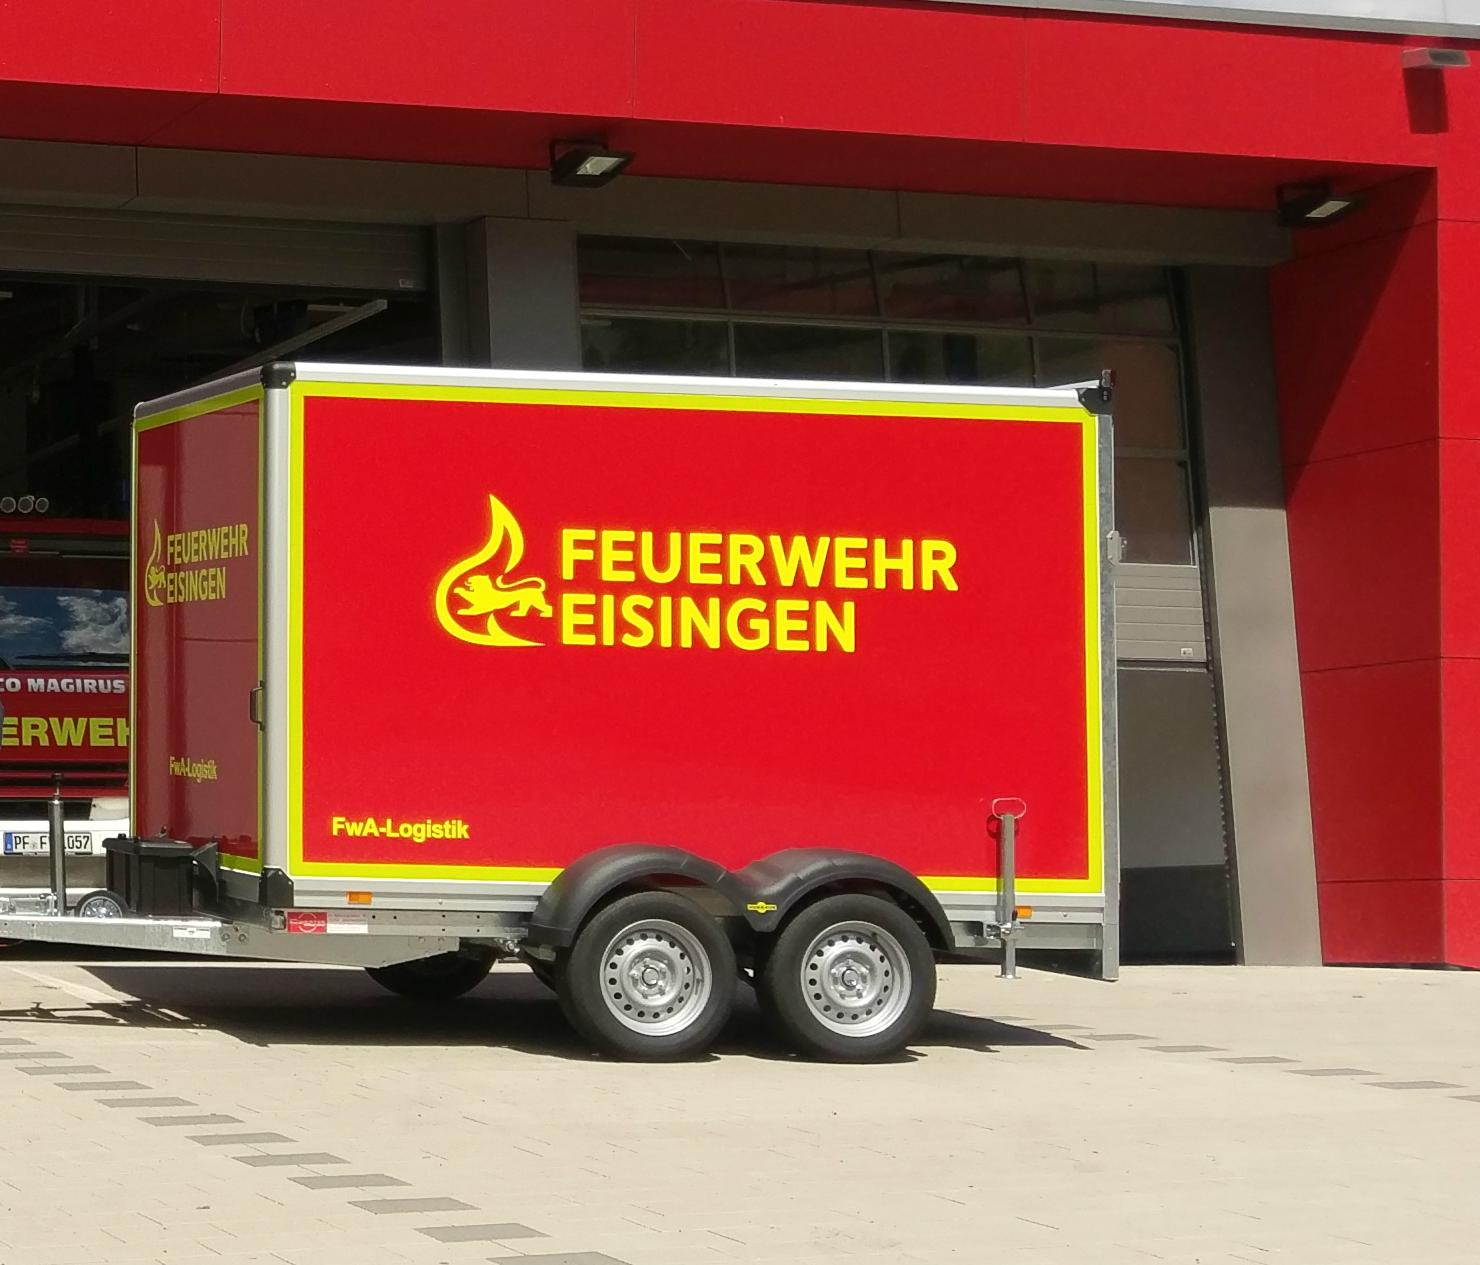 FW-A Logistik